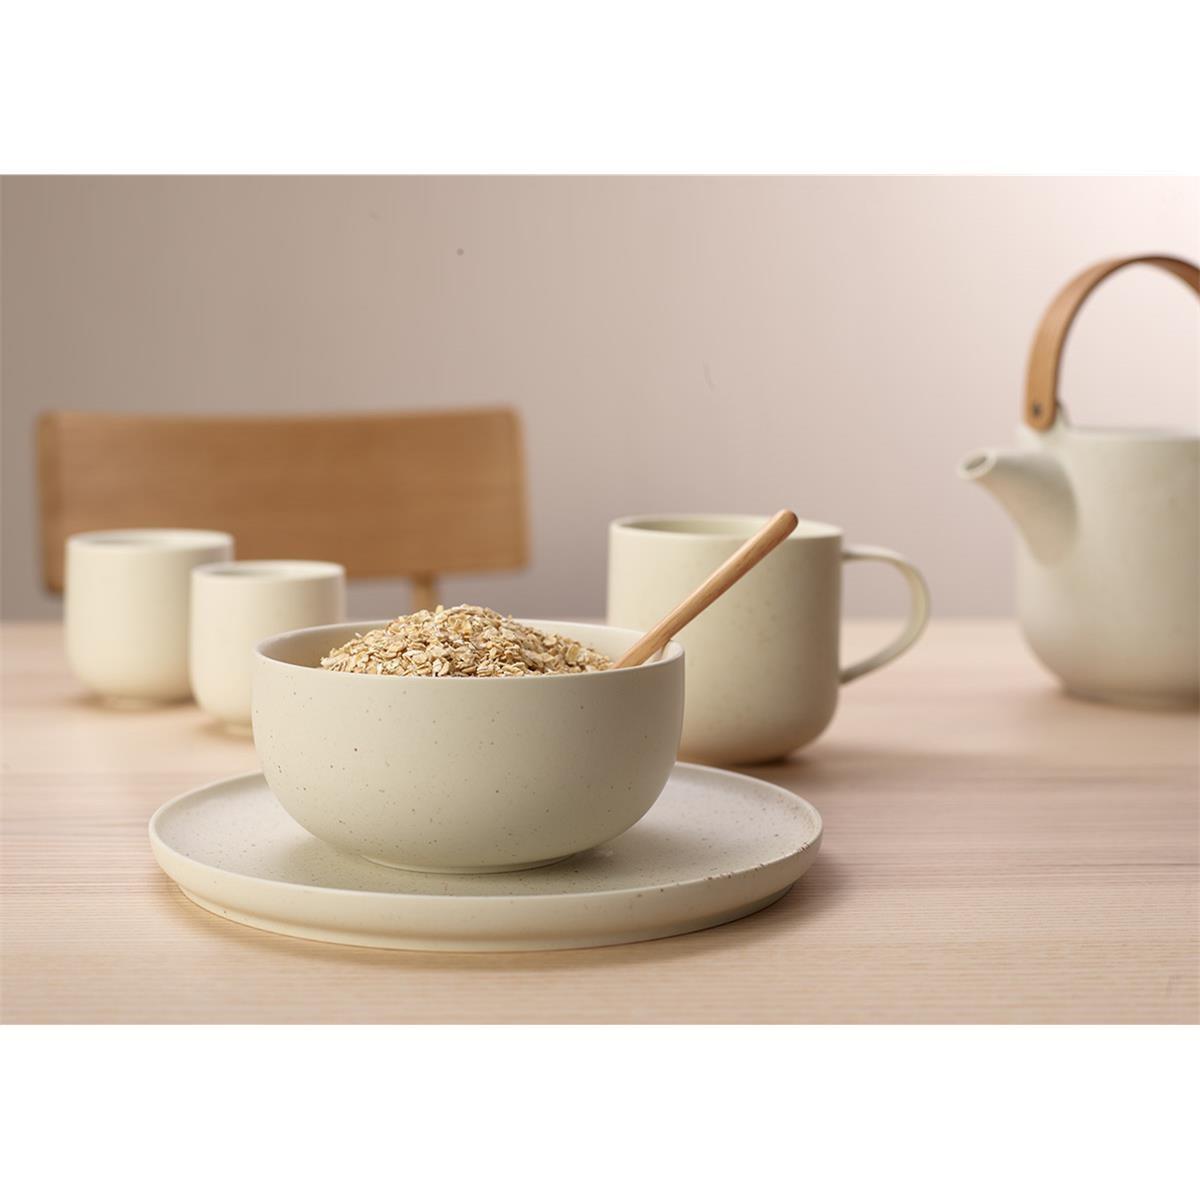 Šálek na čaj COPPA SENCHA SET/2ks, 0,2 l_1